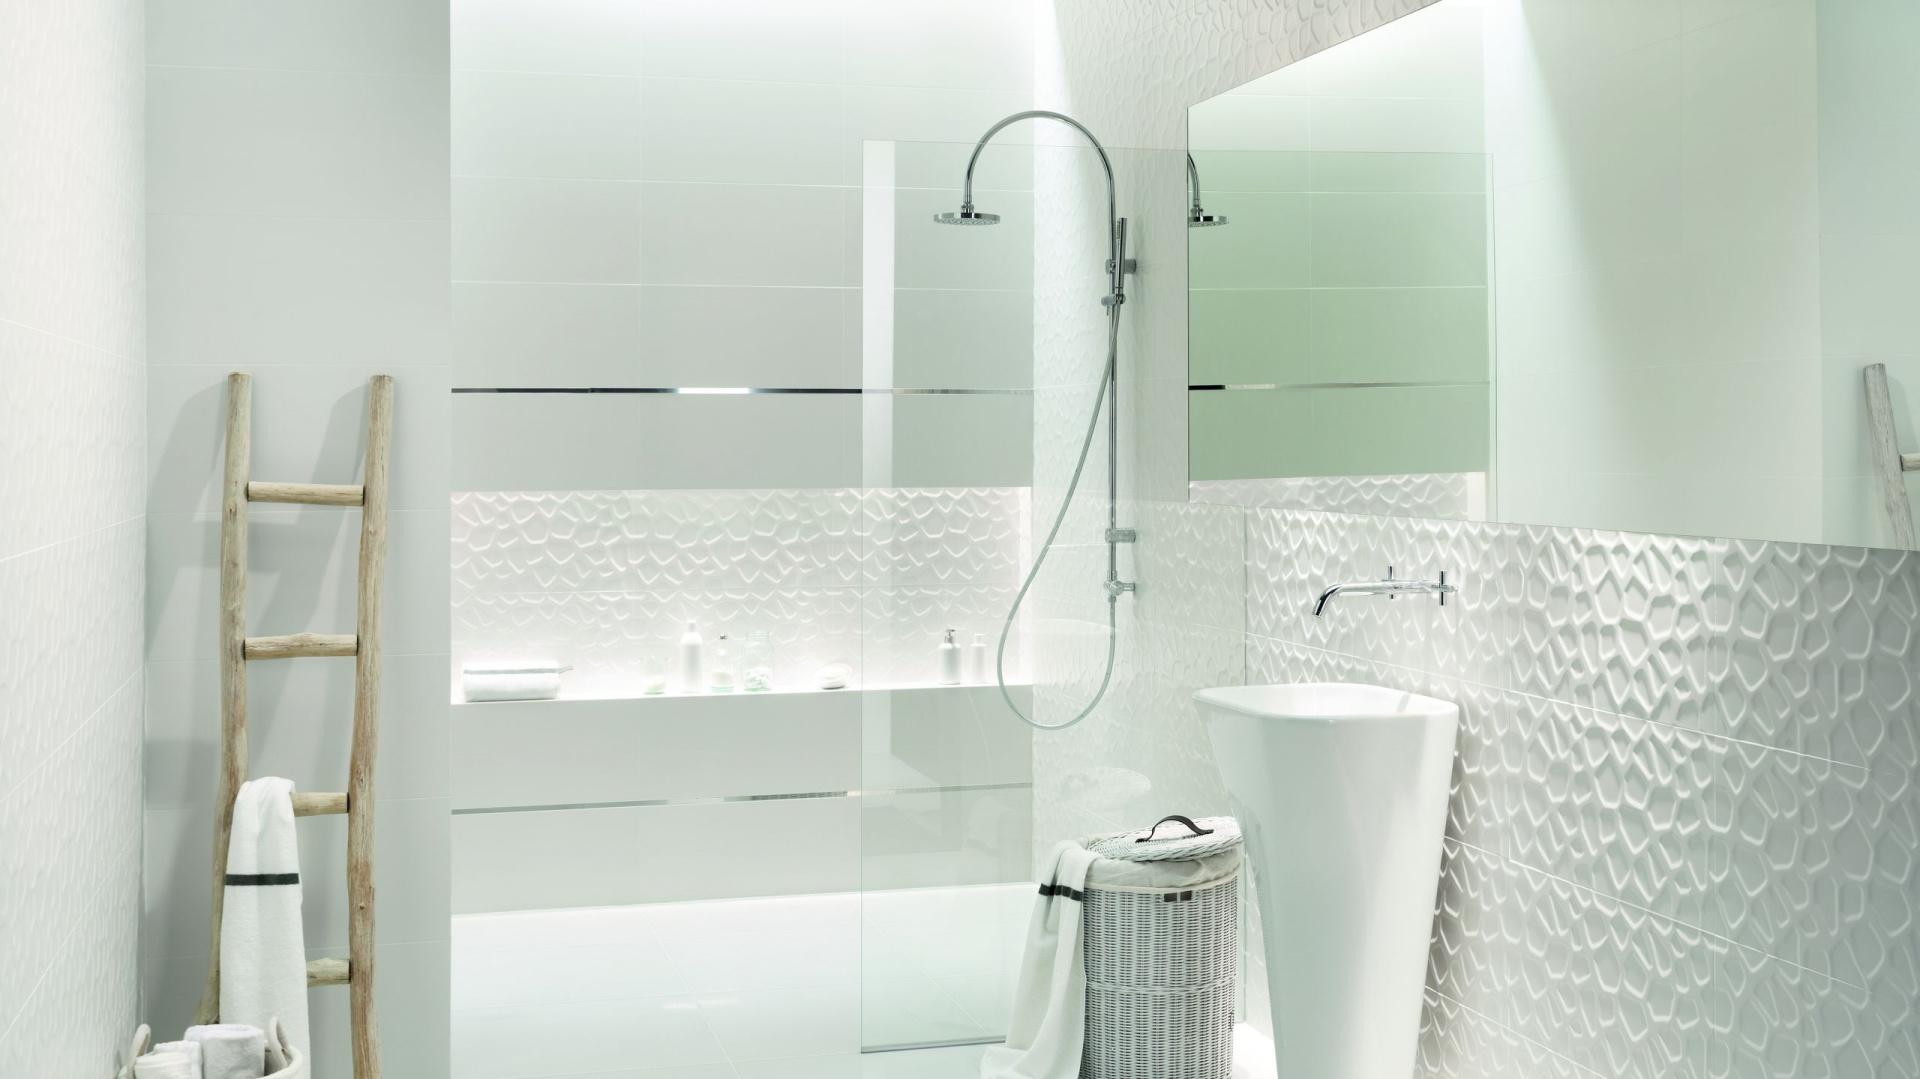 All In White to białe płytki ceramiczne z modną fakturą, dostępne w ofercie marki Tubądzin. Fot. Tubądzin.